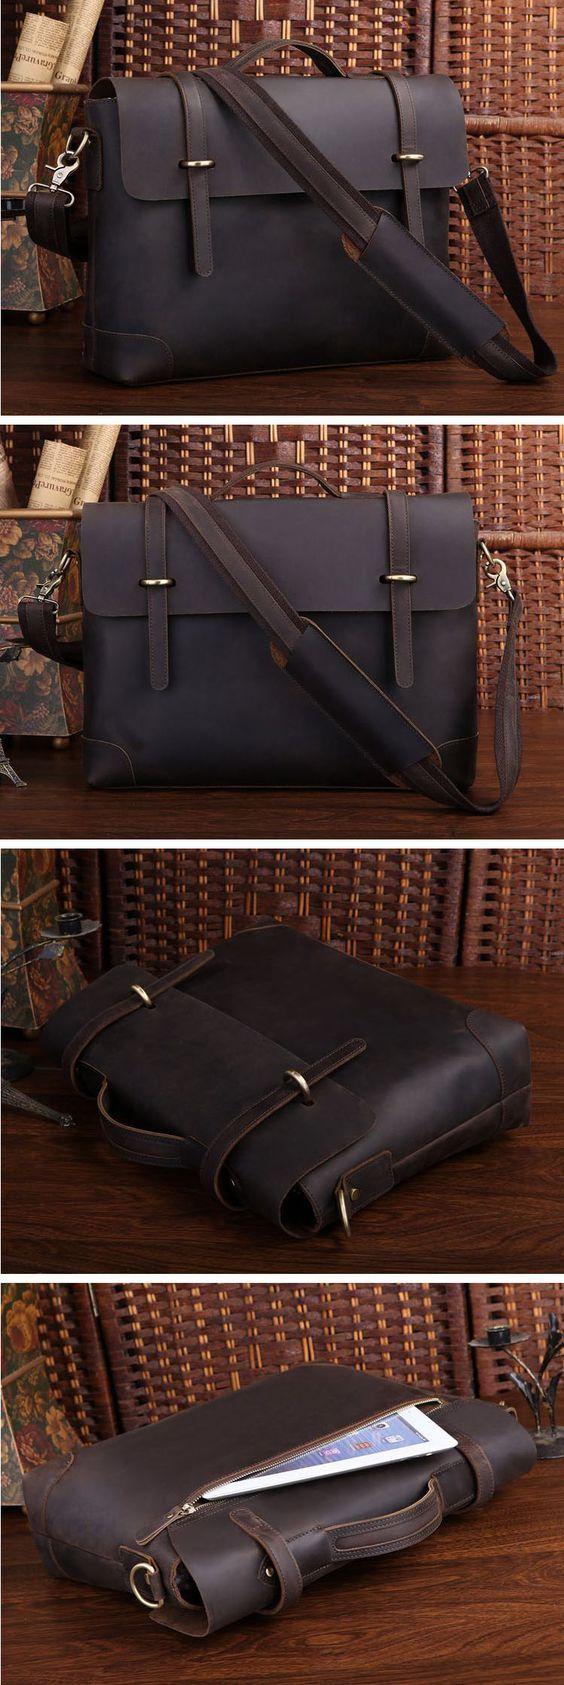 """Handmade leather bag  MEN'S Vintage Leather Briefcase / Messenger / 14"""" Laptop 15"""" MacBook Bag(RYPJ100) - Thumbnail 4"""